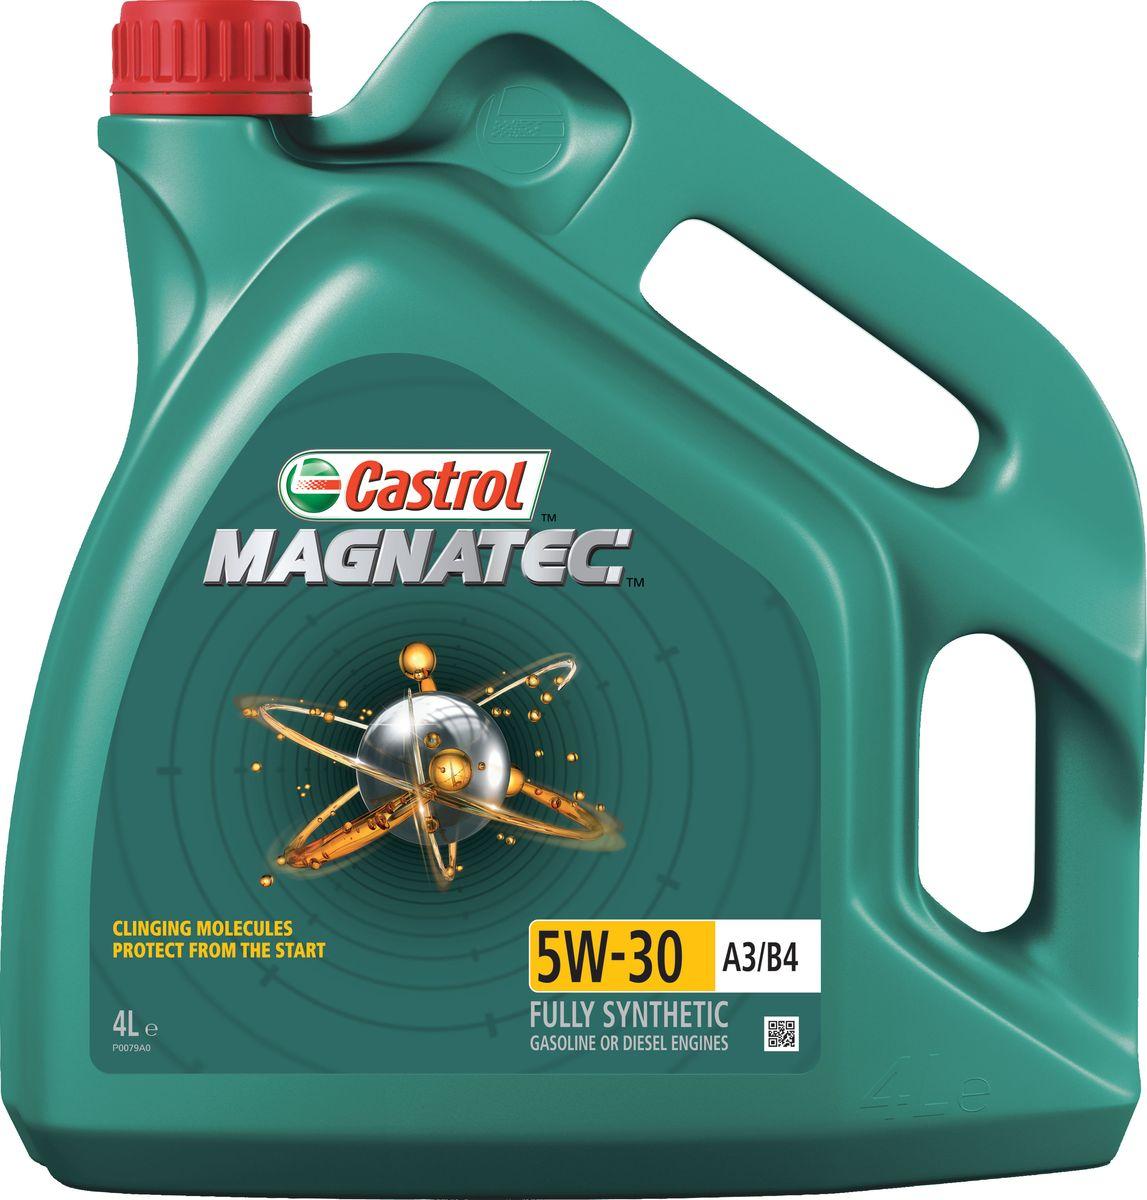 Масло моторное Castrol Magnatec, синтетическое, класс вязкости 5W-30, A3/B4, 4 л531-125До 75% износа двигателя происходит во время его пуска и прогрева.Когда двигатель выключен, обычное масло стекает в поддон картера, оставляя важнейшие детали двигателя незащищенными. Молекулы Castrol Magnatec подобно магниту притягиваются к деталям двигателя и образуют сверхпрочную масляную пленку, обеспечивающую дополнительную защиту двигателя в период пуска, когда риск возникновения износа существенно возрастает.Моторное масло Castrol Magnatec подходит для применения в бензиновых двигателях, в которых производитель рекомендует использовать смазочные материалы,соответствующие классу вязкости SAE 5W-30 и спецификациям API SL/CF, ACEA A3/B3 или A3/B4. Castrol Magnatec одобрено к использованию большинством автопроизводителей.Молекулы Castrol Magnatec:- в сочетании с синтетической технологией обеспечивают повышенную защиту при высоко- и низкотемпературных режимах работы двигателя;- обеспечивают постоянную защиту в любых условиях эксплуатации, при различных стилях вождения и в широком диапазоне температур.Castrol Magnatec проявляет отличные эксплуатационные характеристики вэкстремальных условиях холодного пуска по сравнению с более высокими классами вязкости. Castrol Magnatec специально разработано и протестировано с учетом особенностей российских условий эксплуатации. Обеспечивает комплексную защиту двигателя даже при самых тяжелых дорожных условиях: эксплуатация при низкой температуре, использование российского топлива и движение в городских пробках.Спецификации:ACEA A3/B3, A3/B4,API SL/CF,BMW Longlife-01,MB-Approval 229.3,Renault RN 0700 / RN 0710.Товар сертифицирован.